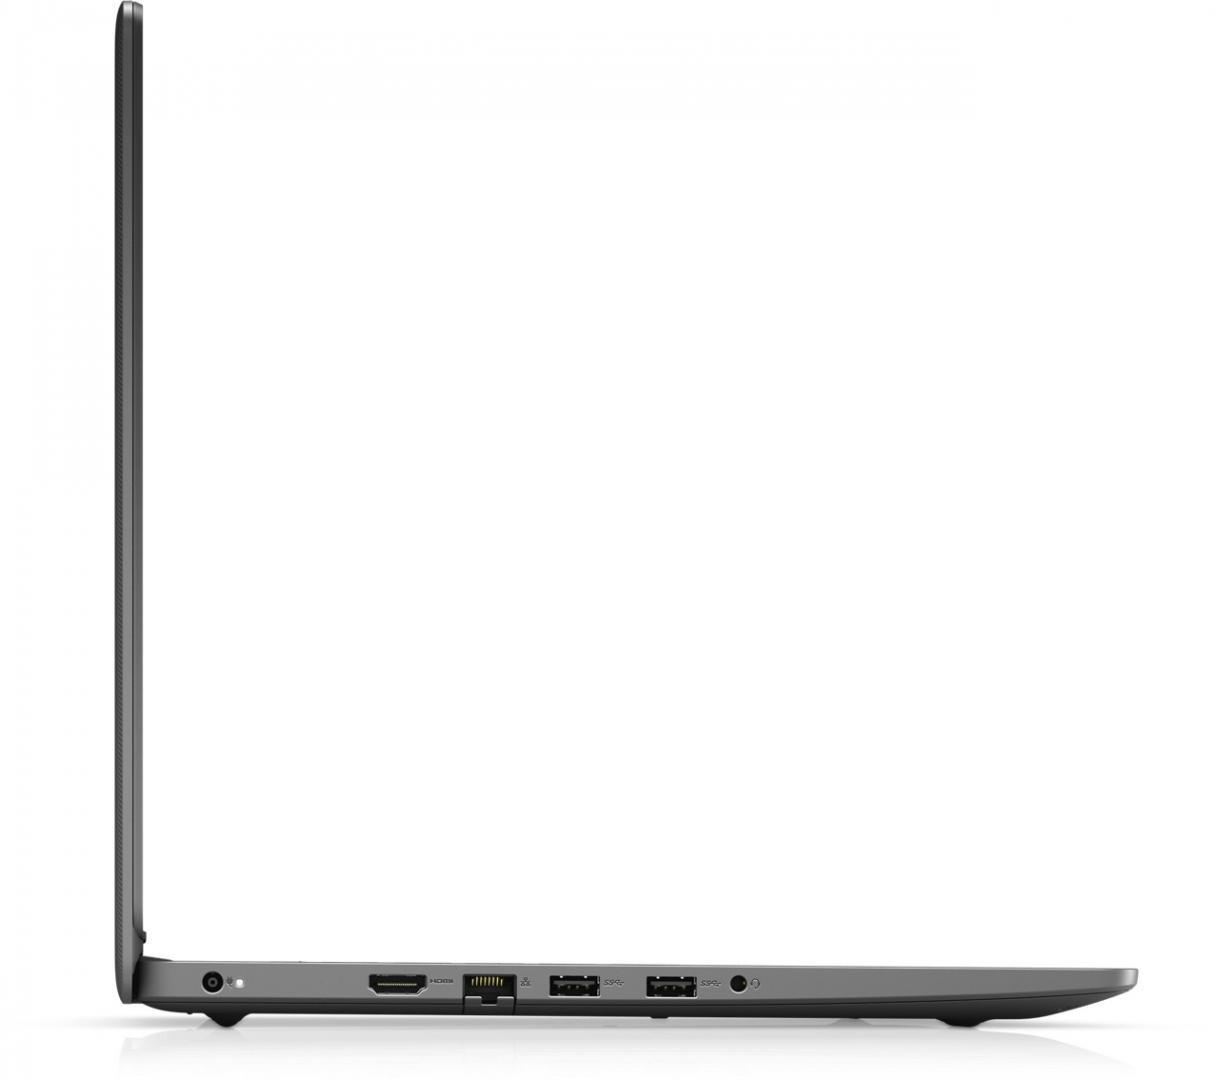 Laptop Dell Vostro 3500, 15.6'' FHD, i5-1135G7, 8GB, 256GB SSD, Intel Iris Xe Graphics, W10 Pro - imaginea 5